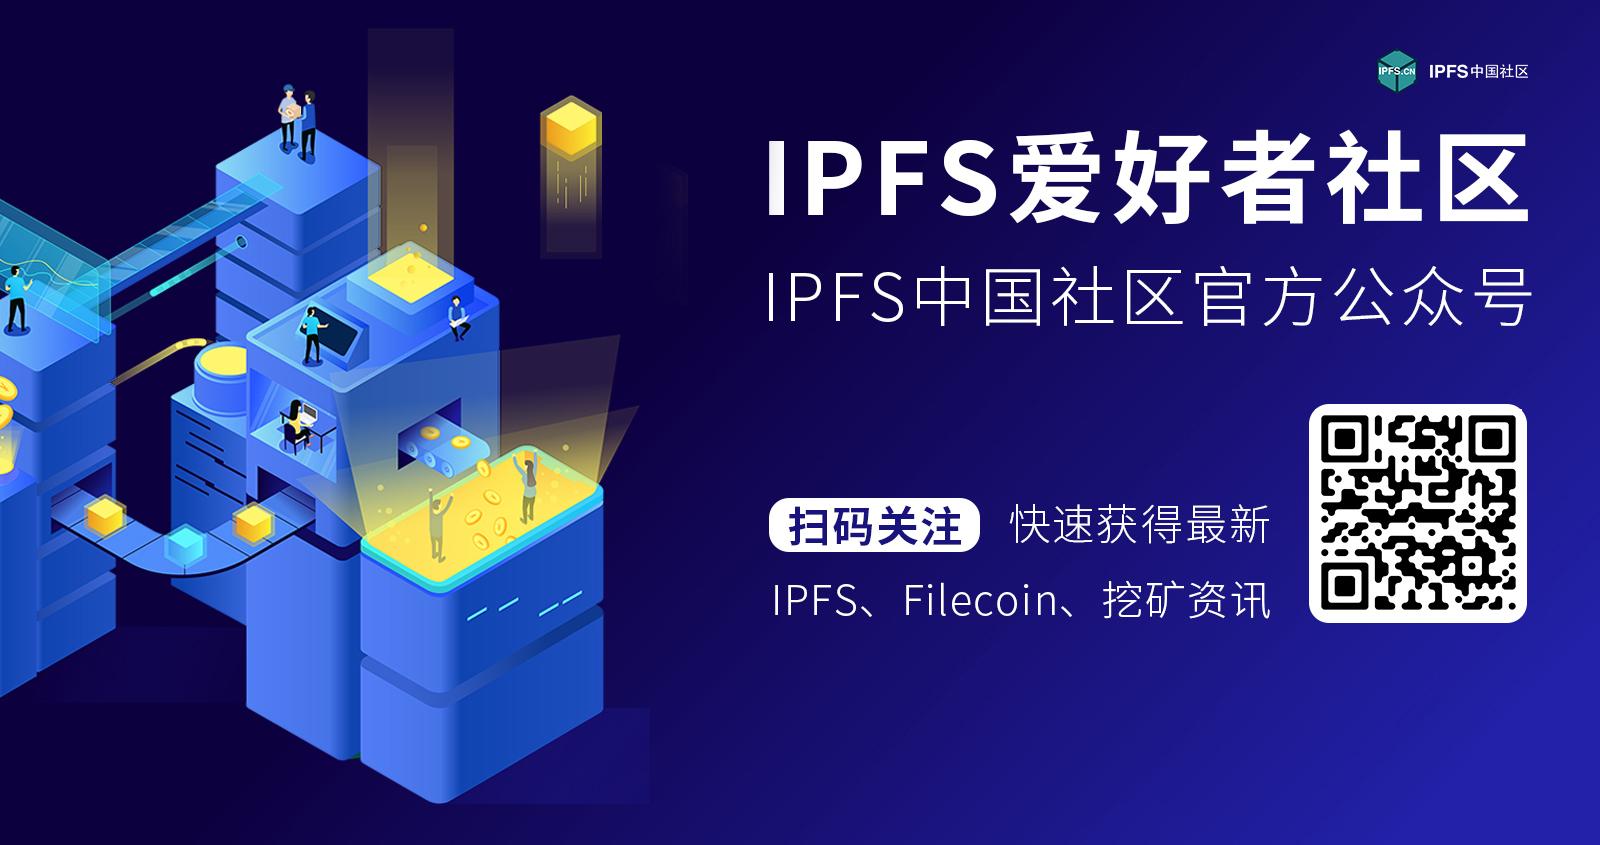 IPFS爱好者社区(IPFS中国社区官方公众号)